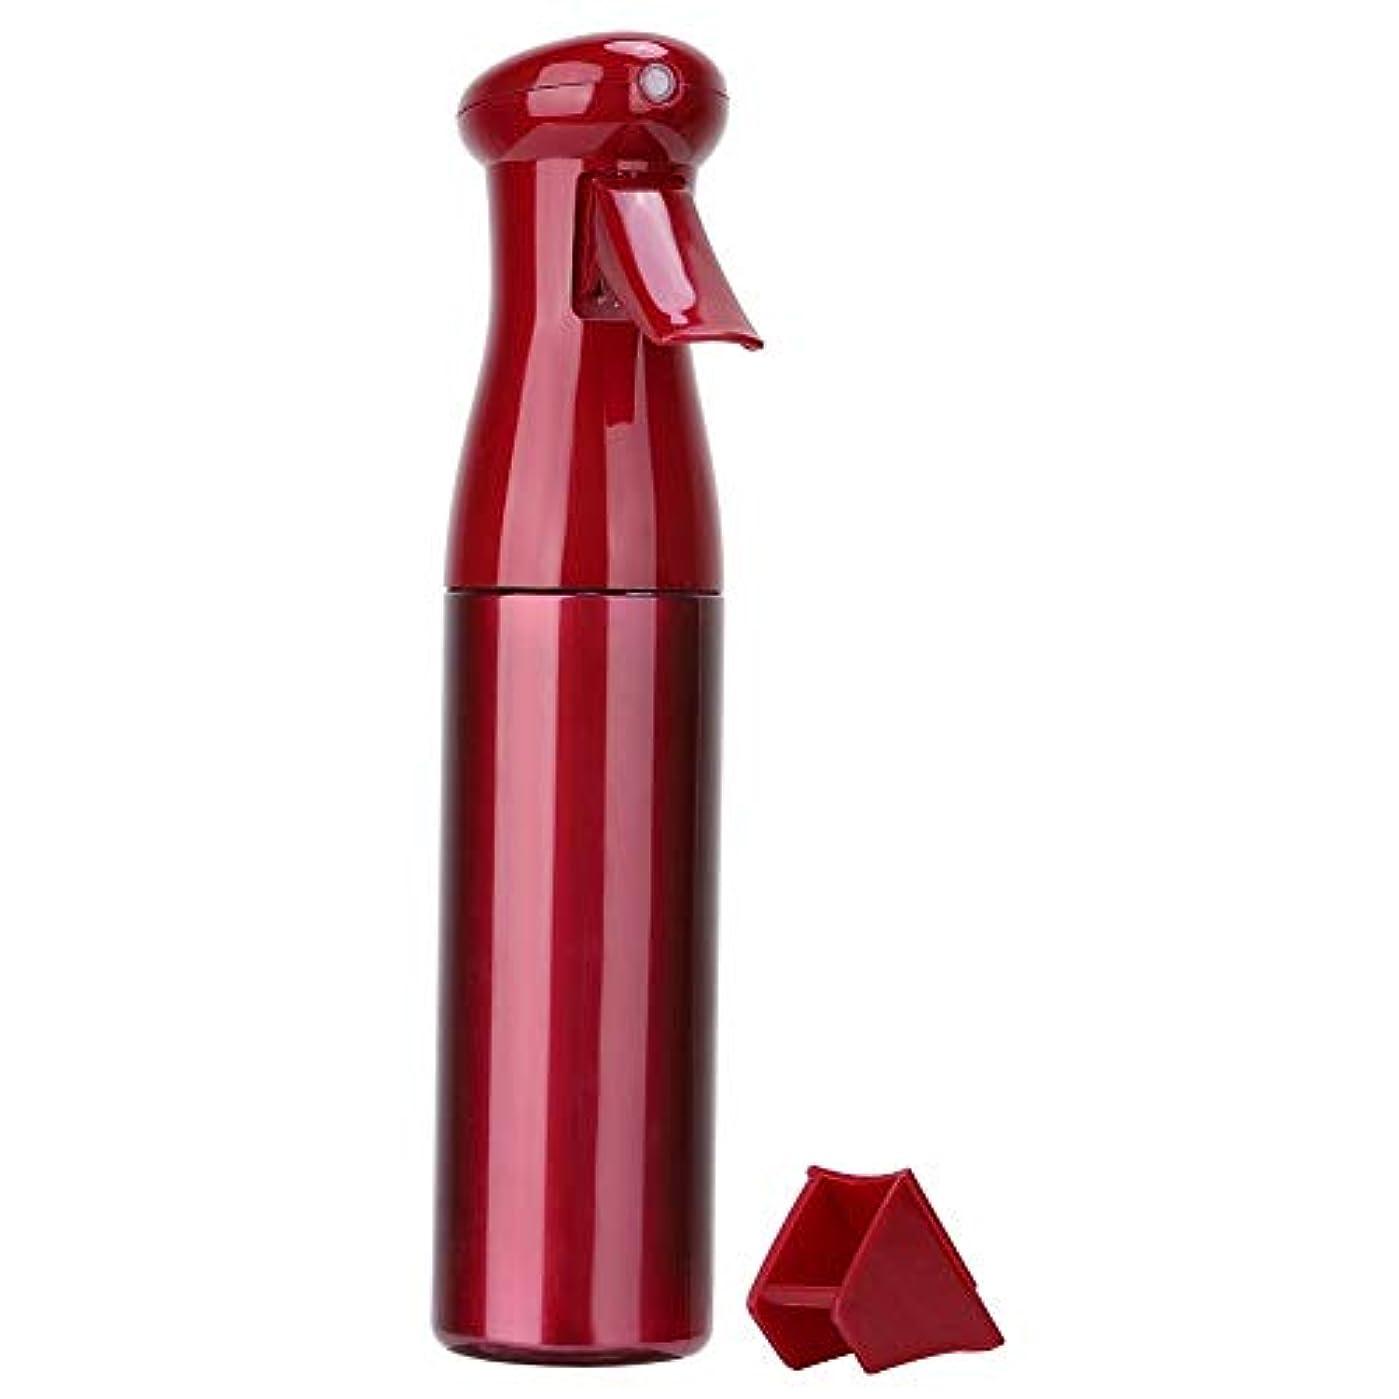 雑多なお手入れ活気づけるNitrip スプレーボトル 霧吹き 極細のミストを噴霧する サロン理髪用 花植えツール 美髪師用 持ち運び便利 3色(赤)